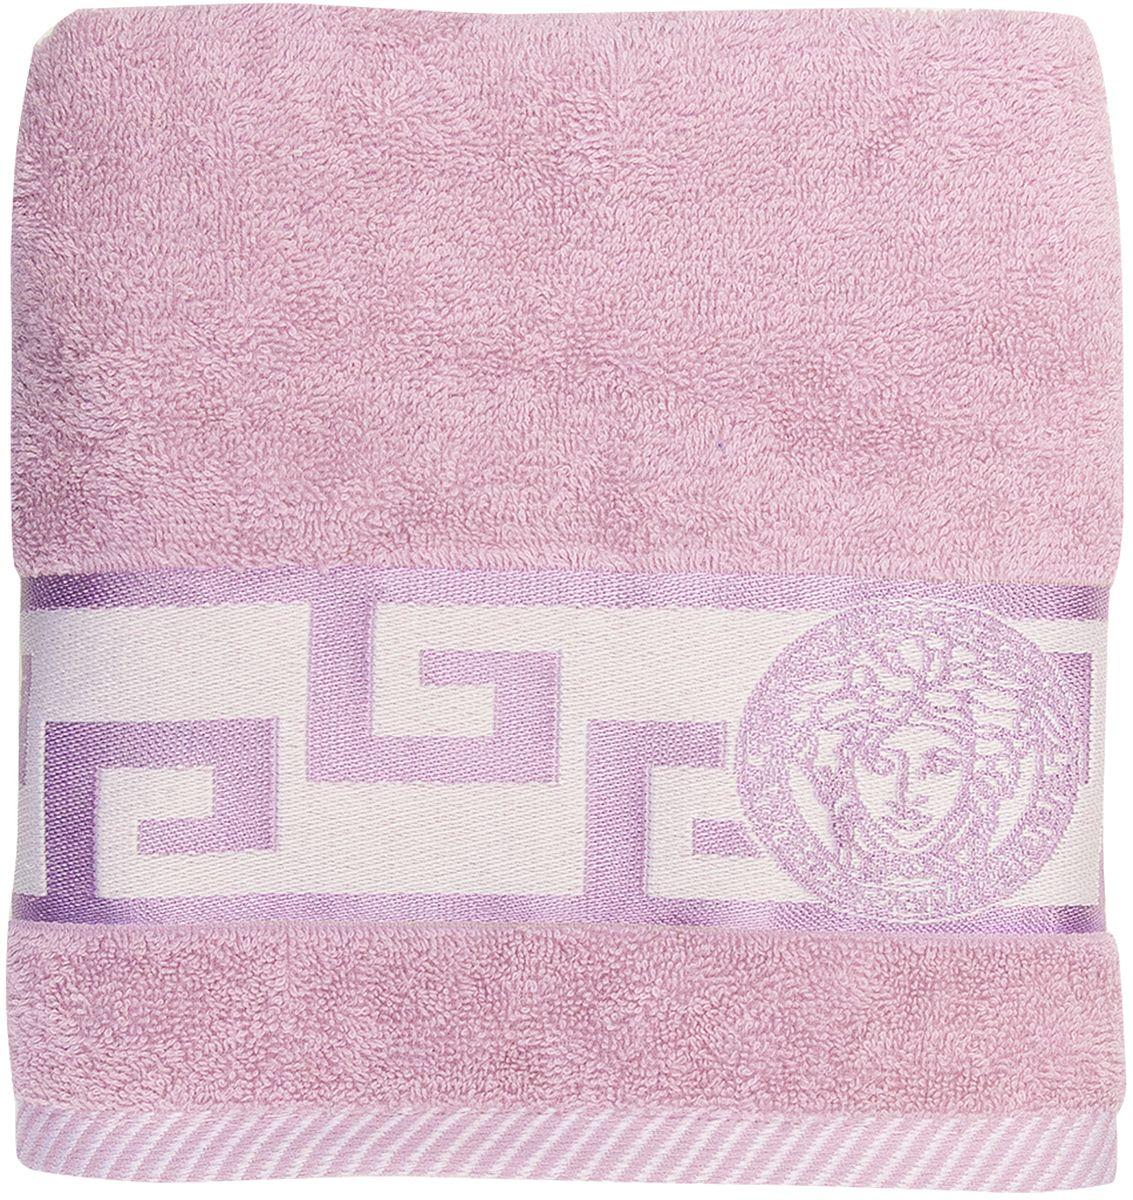 Полотенце банное Bonita Медея, цвет: лаванда, 50 x 90 см68/5/2Банное полотенце Bonita Медея выполнено из 100% хлопка. Изделие отлично впитывает влагу, быстро сохнет, сохраняет яркость цвета и не теряет форму даже после многократных стирок. Такое полотенце очень практично и неприхотливо в уходе. Оно создаст прекрасное настроение и украсит интерьер в ванной комнате.